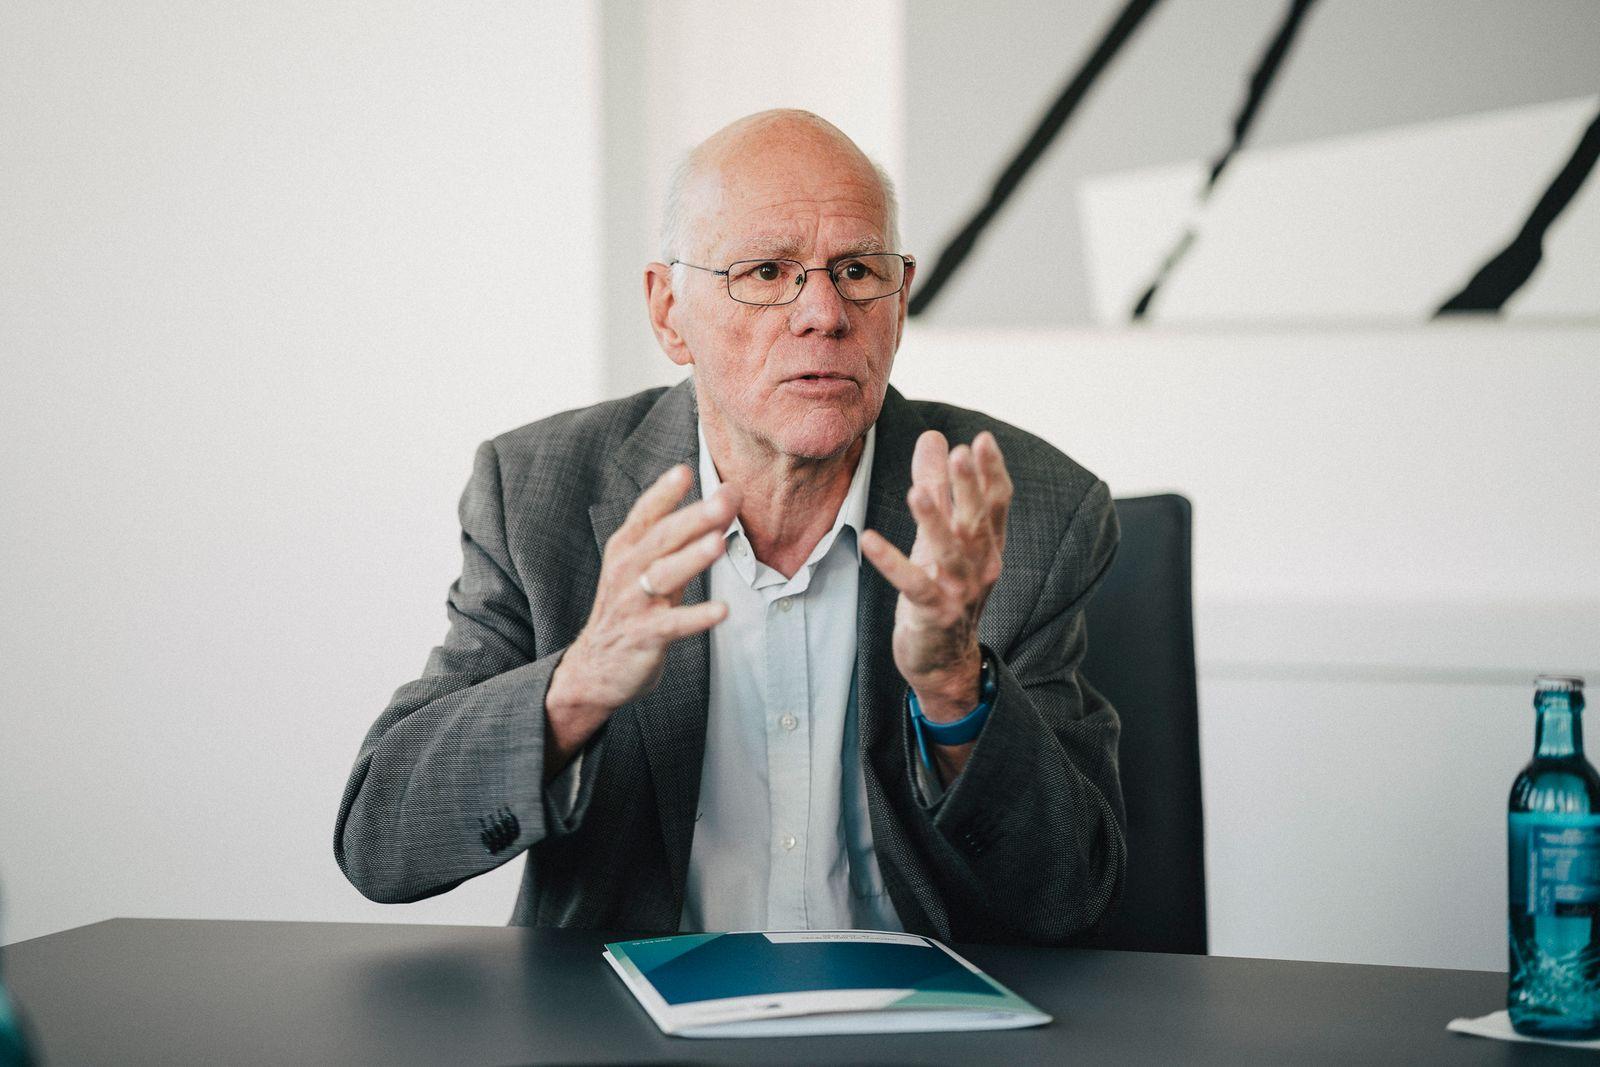 Norbert Lammert, deutscher Politiker (CDU) und Präsident des Bundestages von 2005 bis 2017. Vorsitzender der Konrad-Adenauer-Stiftung seit dem 1. Januar 2018.